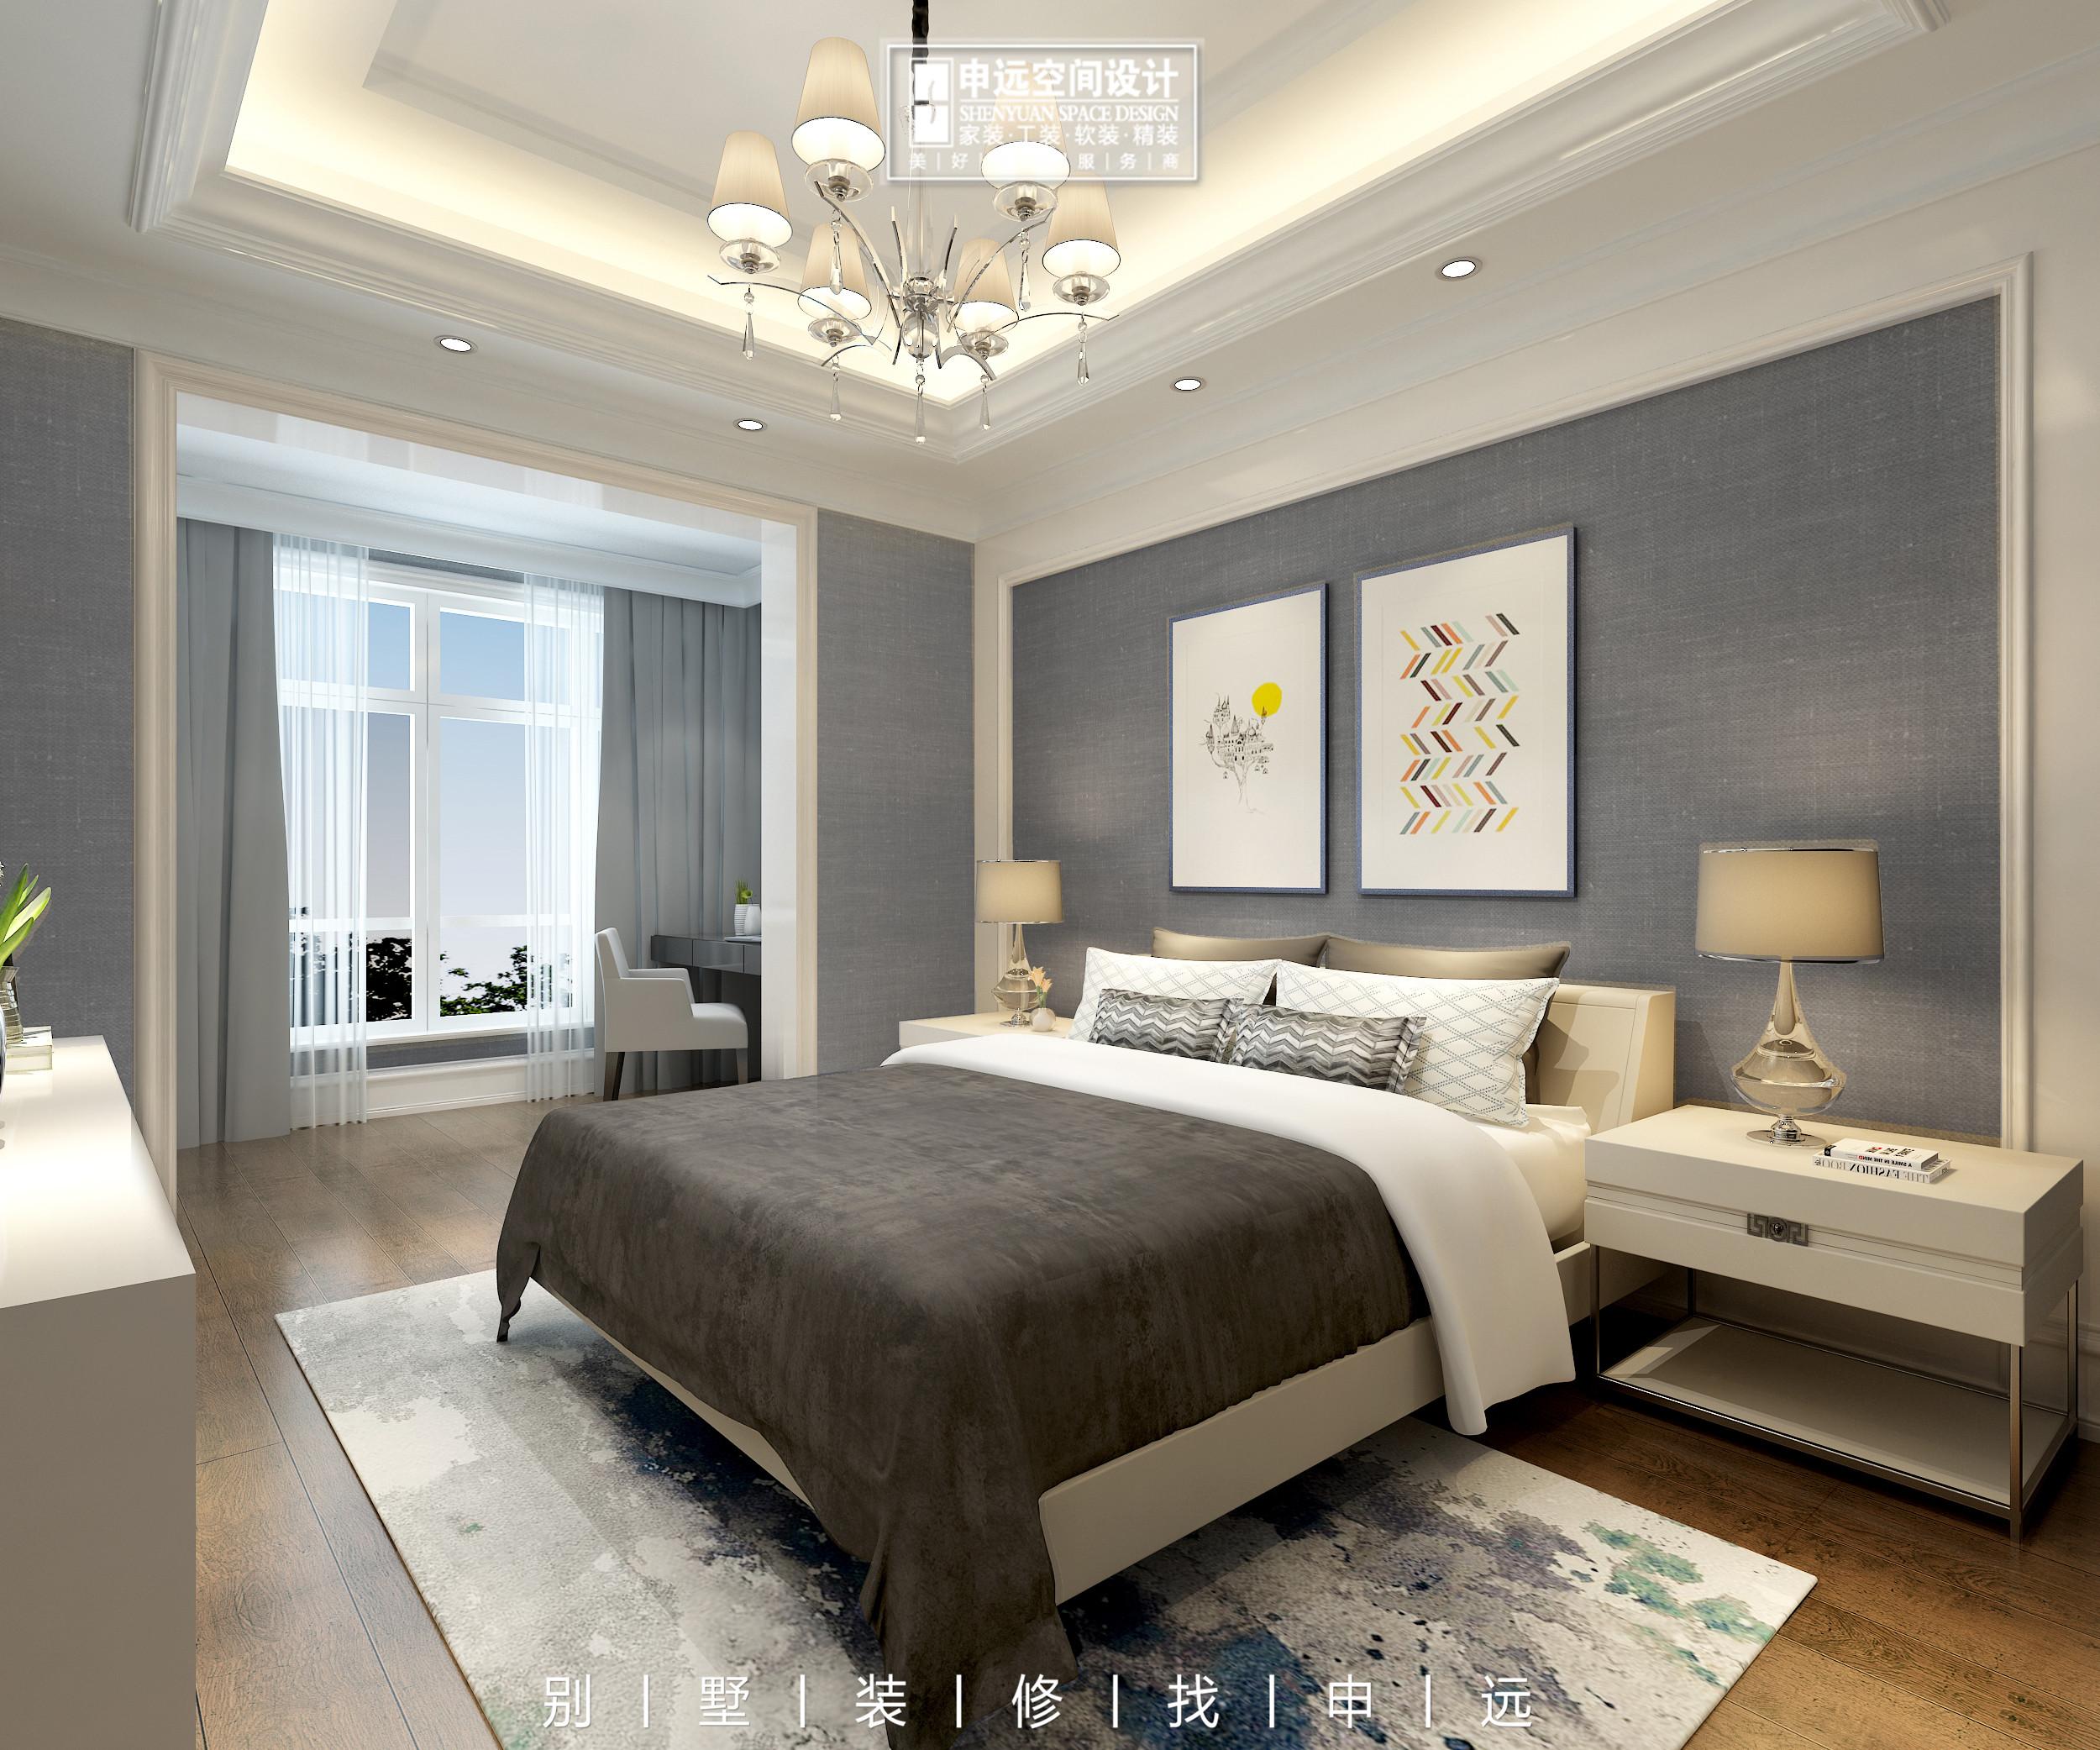 别墅装修 申远 北京申远 卧室图片来自申远空间设计北京分公司在北京申远空间设计-别墅装修的分享